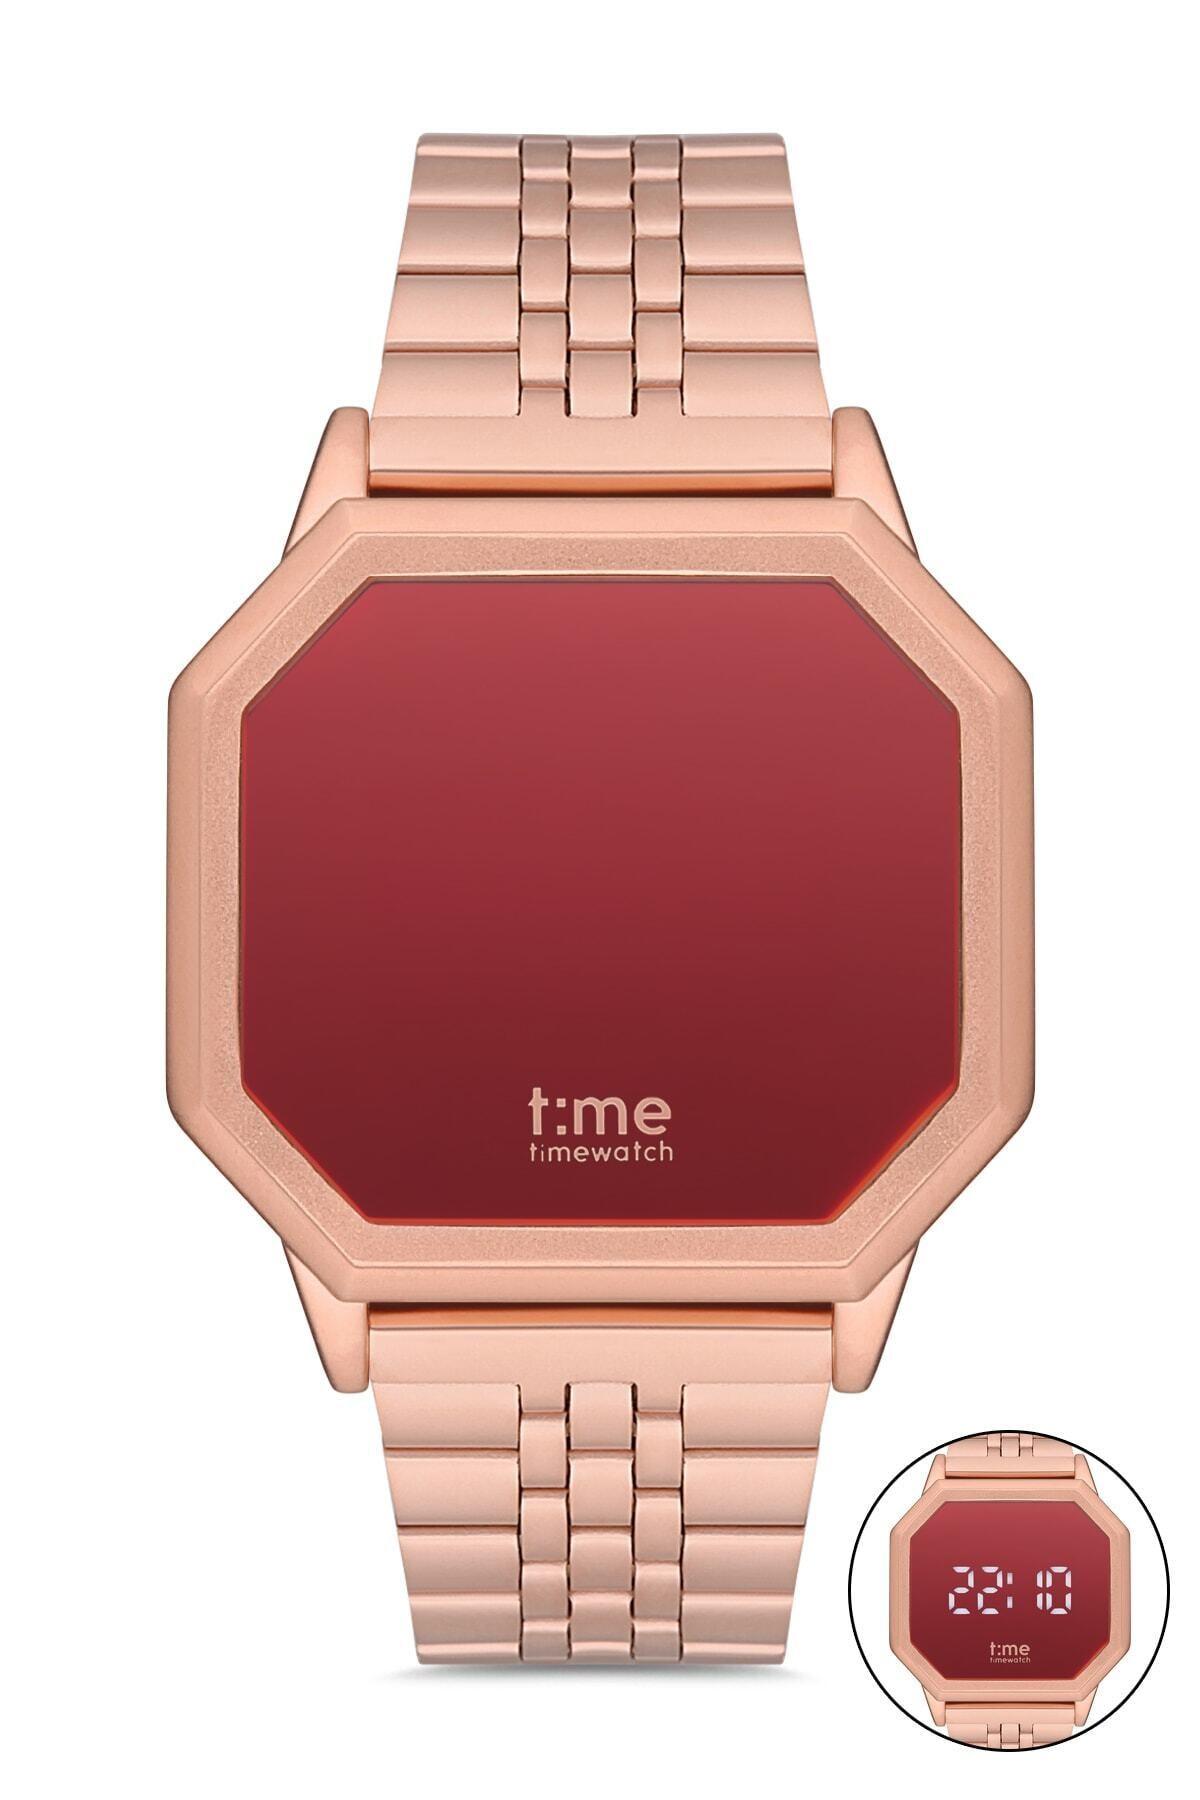 Timewatch Time Watch Tw.145.2rrr Unisex Kol Saati 1